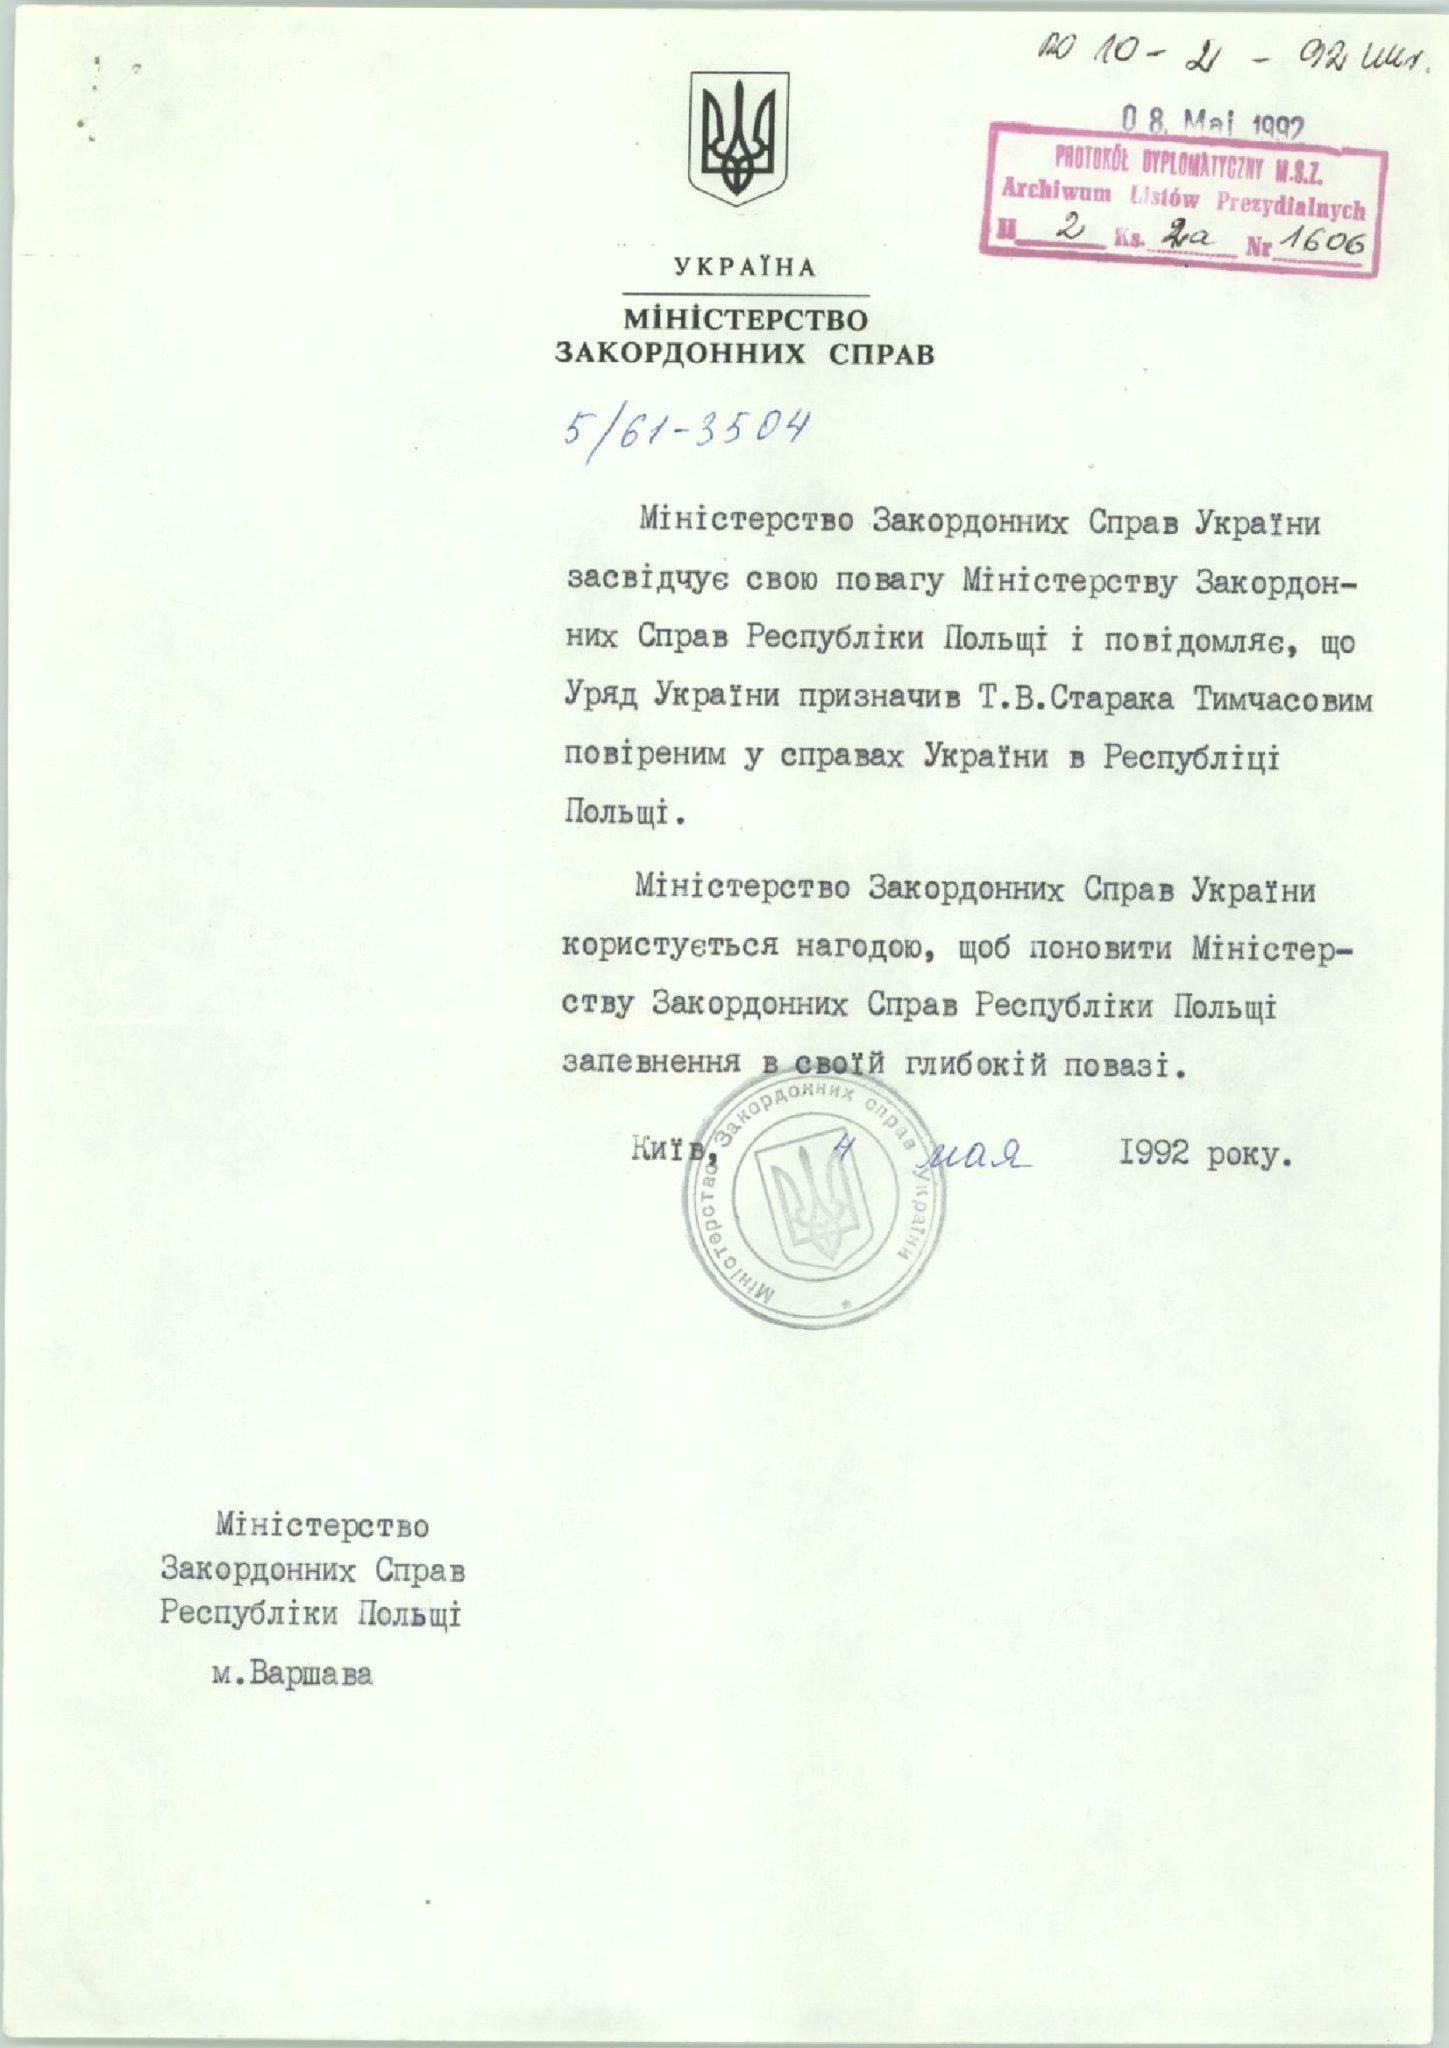 Нота МЗС Украъни з інформацією про призначення Теодозія Старака chargé d'affaires ad interim, 4 травня 1992